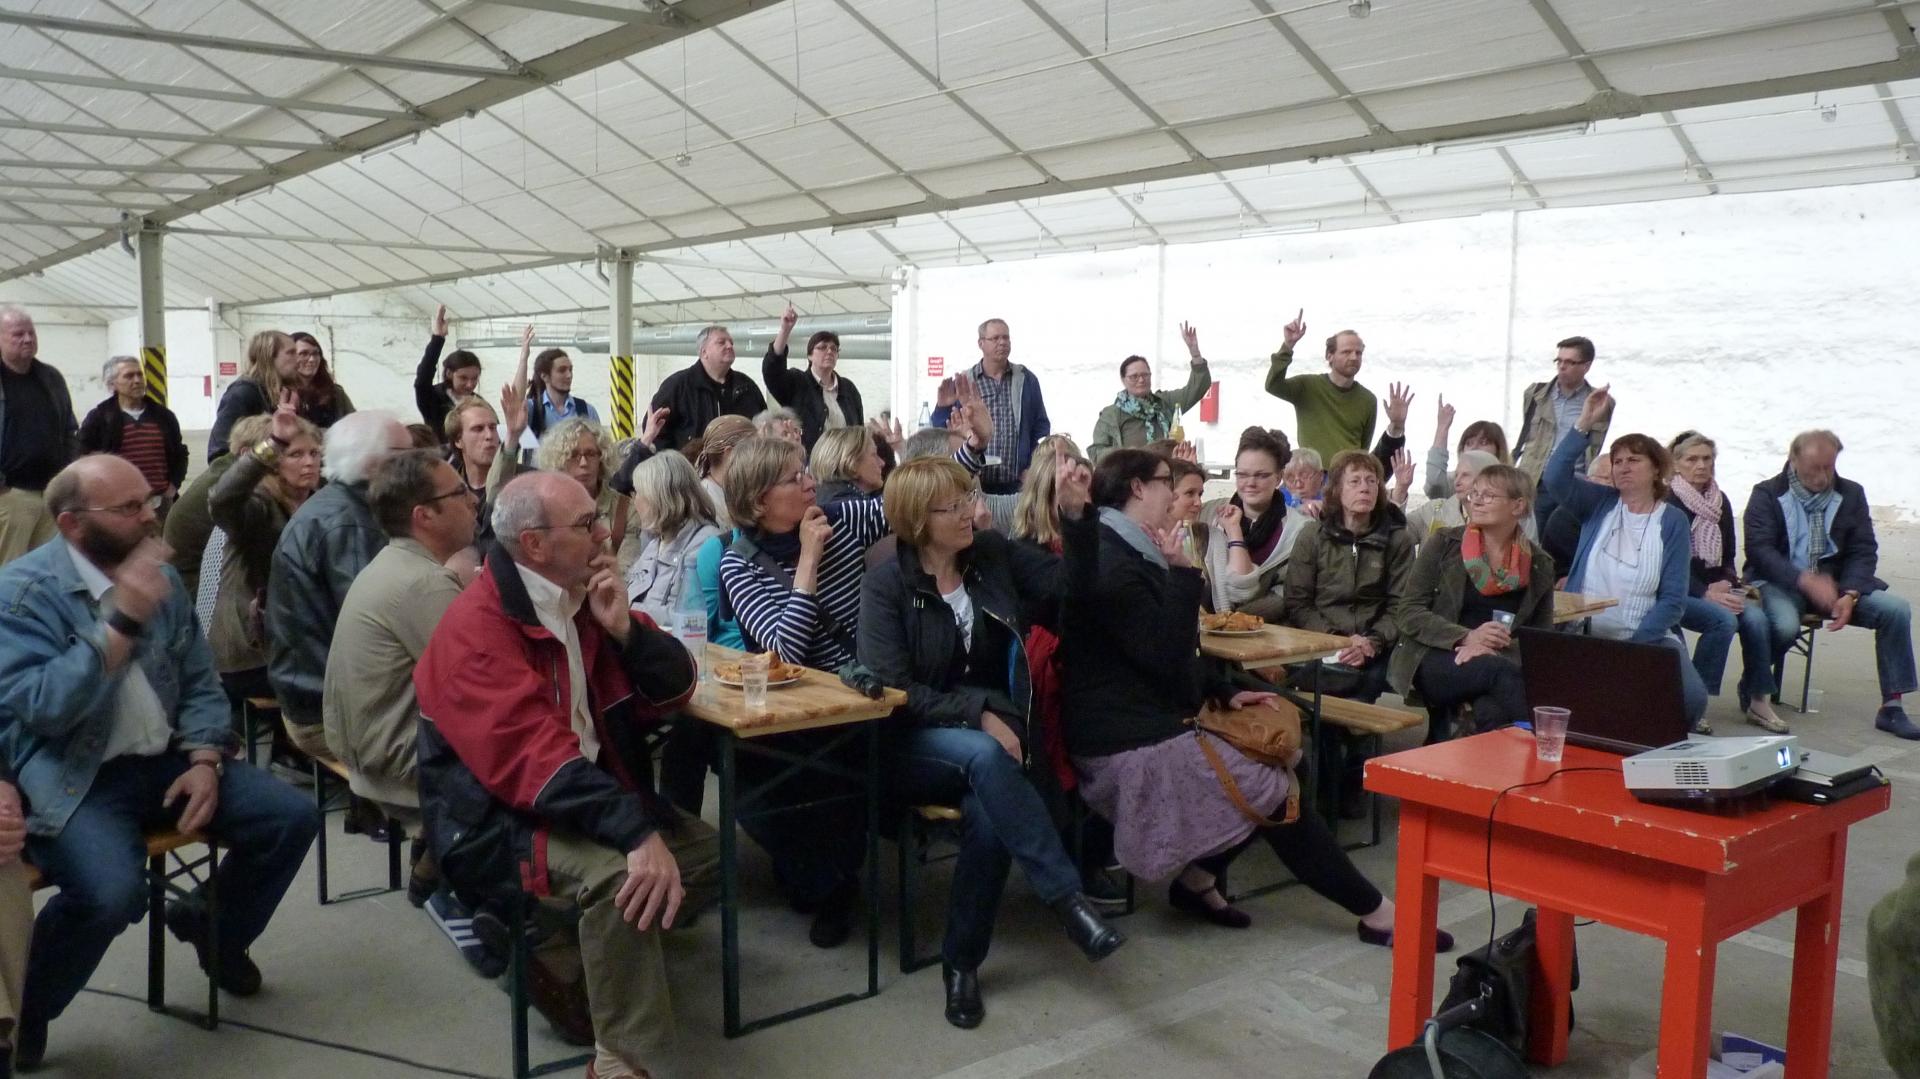 """Teilnehmer des Infoabends """"Neues Wohnen im Samtweberviertel"""" - Copyright: UNS/MUR"""